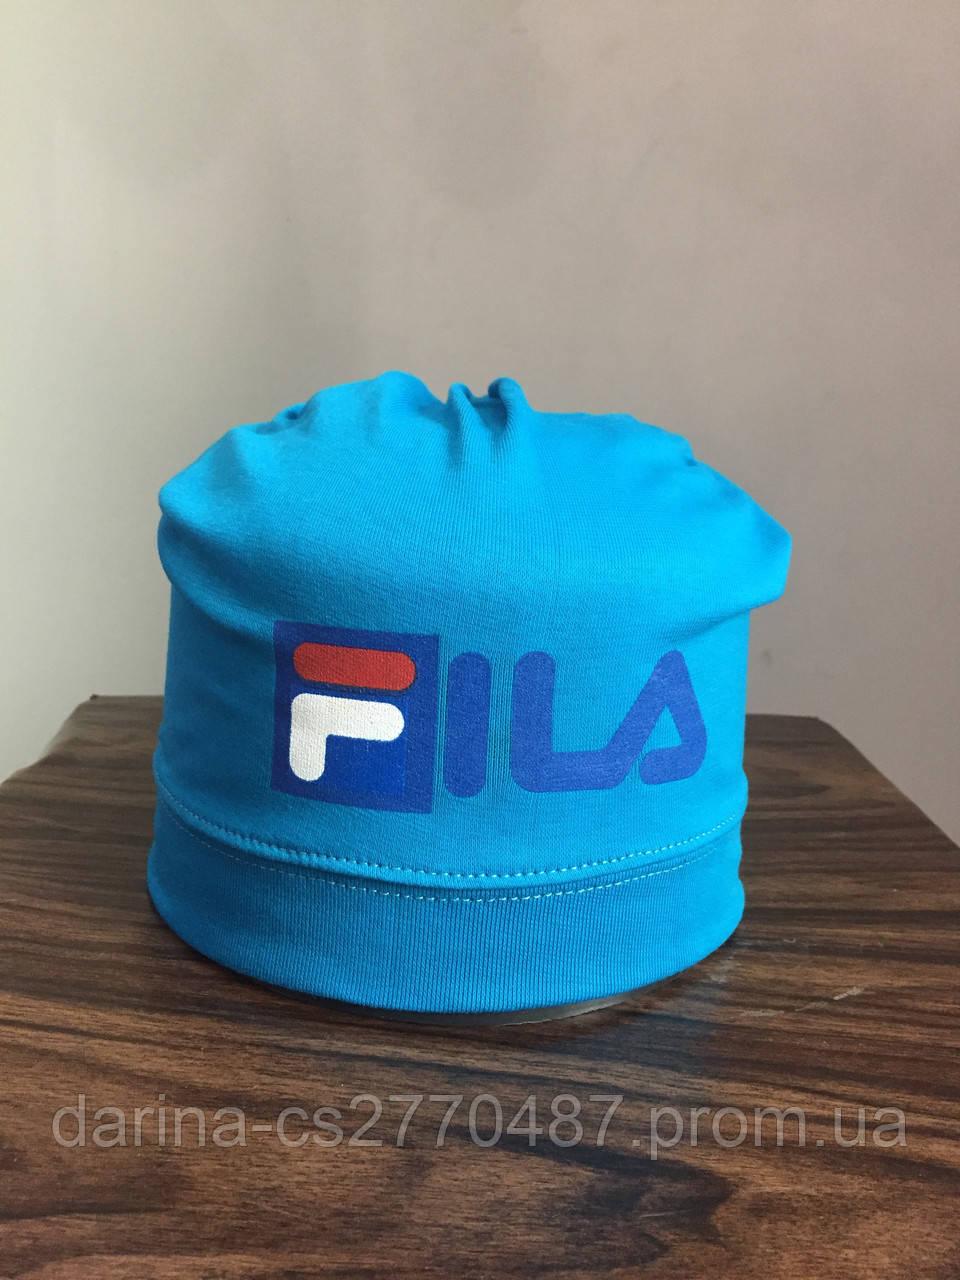 Трикотажная шапка с принтом для мальчика